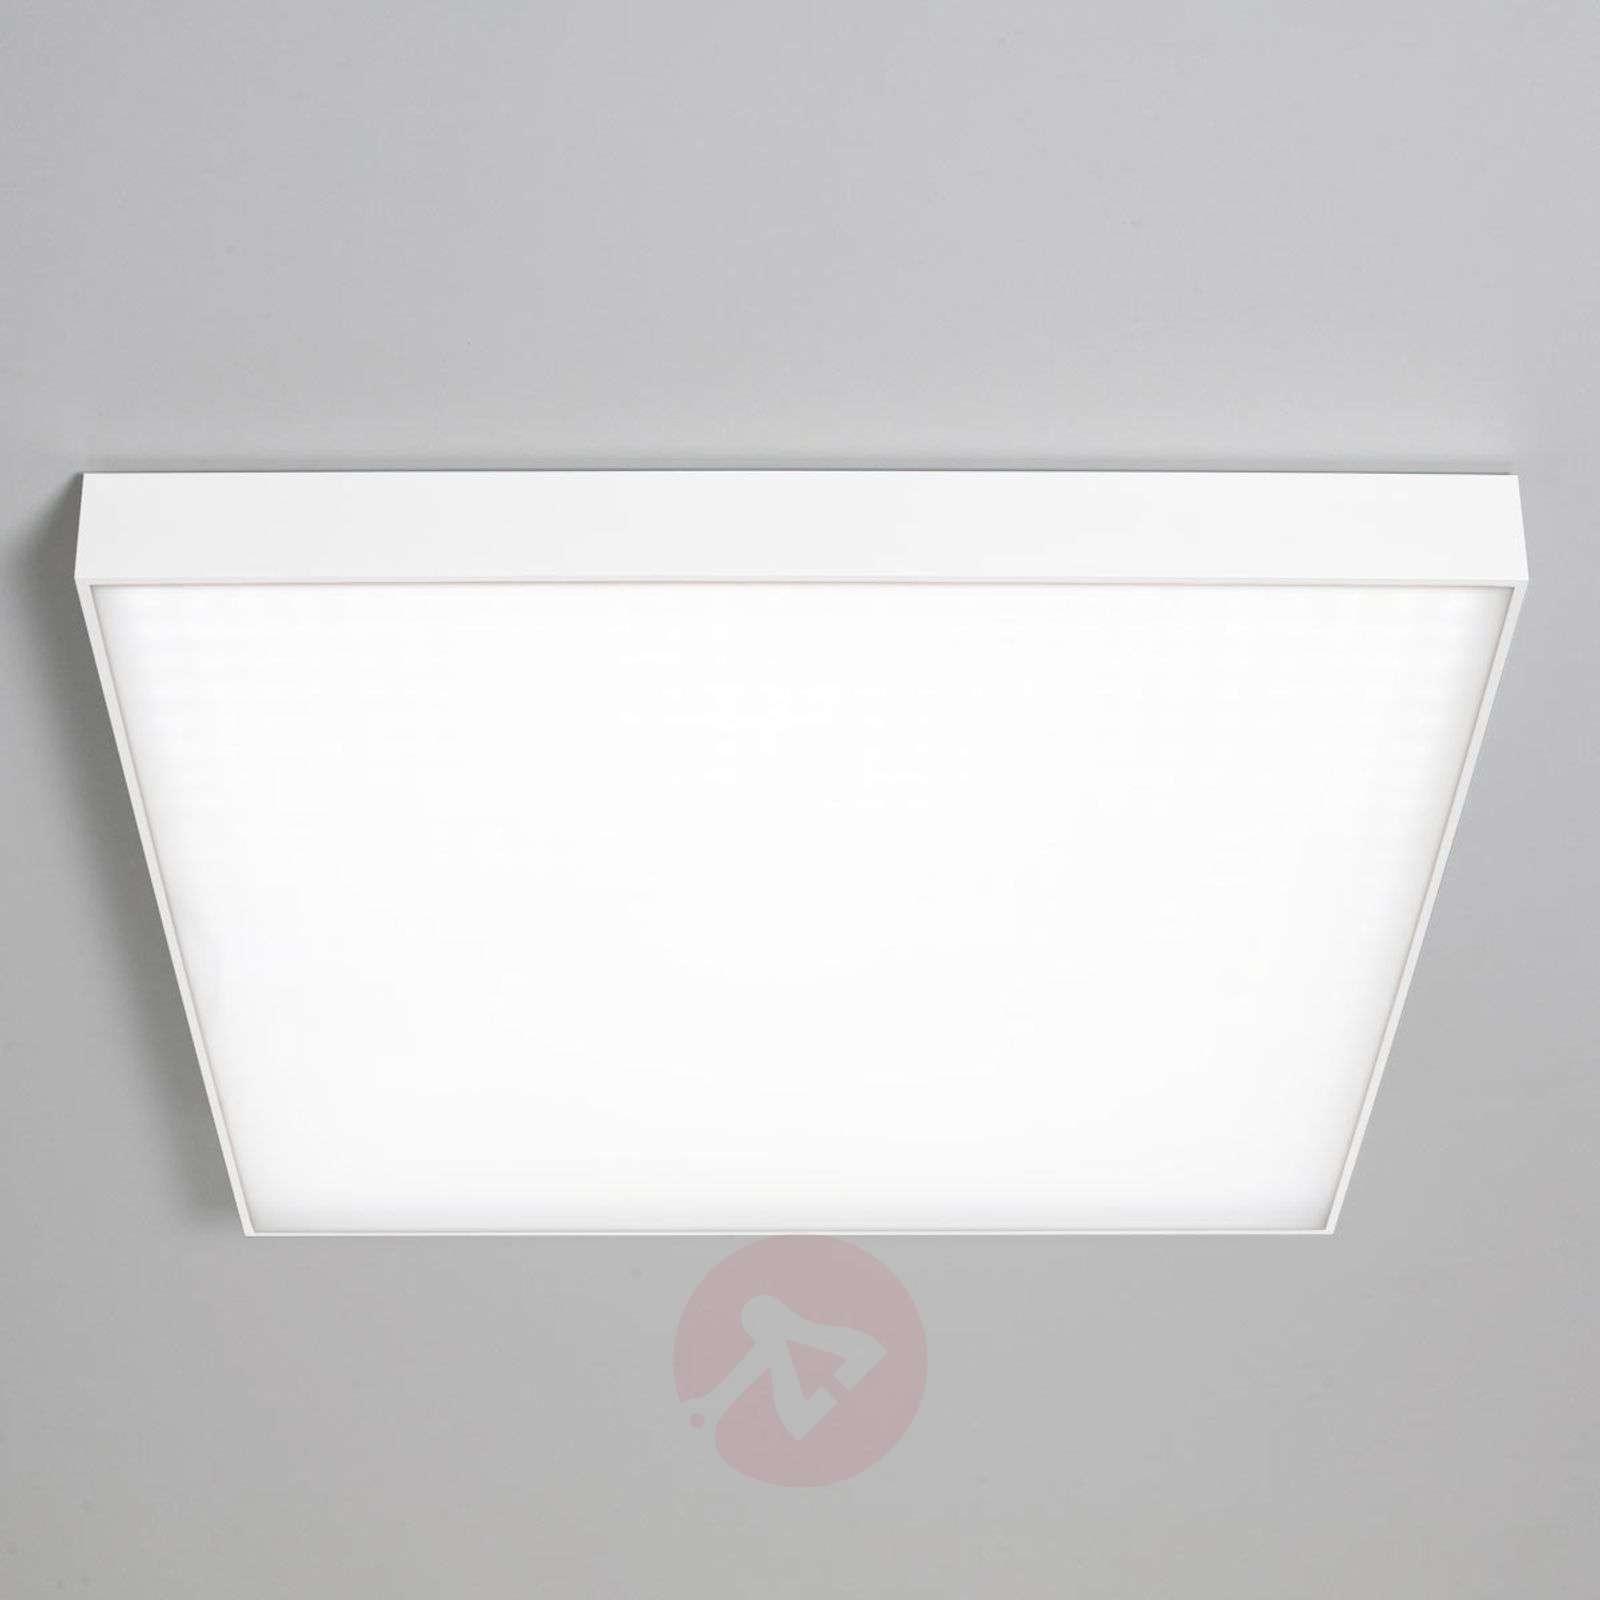 Iso LED-kattolamppu Cadan SD, valkoinen, 4000K-6523805-01